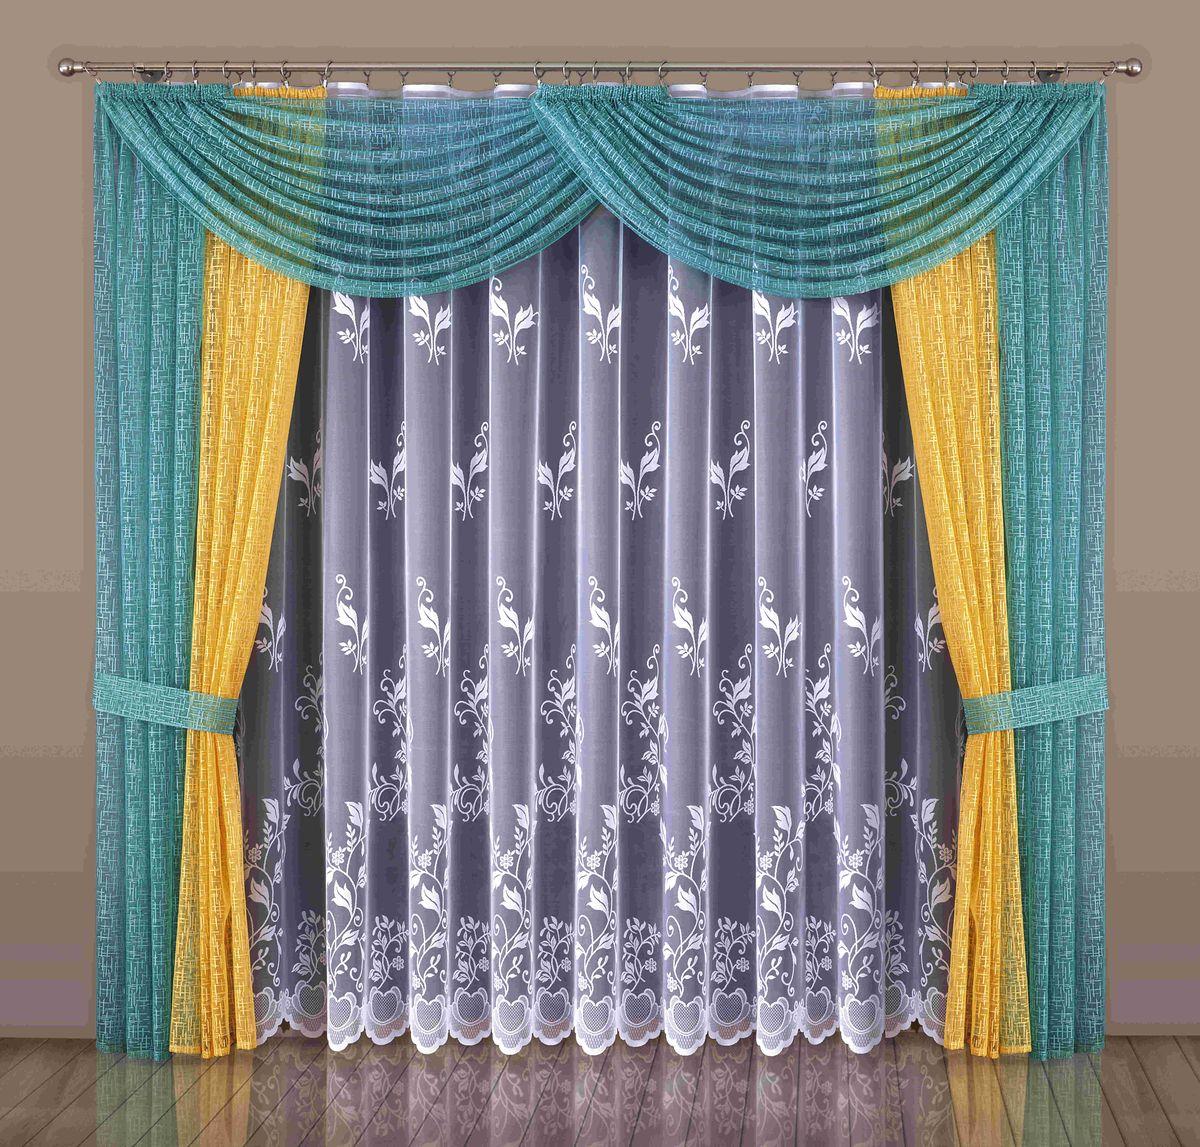 Комплект штор Wisan Maryla, на ленте, цвет: оранжевый, бирюзовый, высота 250 смStormКомплект штор Wisan Maryla выполненный из полиэстера, великолепно украсит любое окно. Тонкое плетение, оригинальный дизайн привлекут к себе внимание и органично впишутся в интерьер. Комплект состоит из 2 штор, тюля, ламбрекена и 2 подхватов. Кружевной узор придает комплекту особый стиль и шарм. Тонкое жаккардовое плетение, нежная цветовая гамма и роскошное исполнение - все это делает шторы Wisan Maryla замечательным дополнением интерьера помещения. Все предметы комплекта оснащены шторной лентой для красивой драпировки. В комплект входит: Штора - 2 шт. Размер (ШхВ): 250 см х 250 см. Тюль - 1 шт. Размер (ШхВ): 450 см х 250 см. Ламбрекен - 1 шт. Размер (ШхВ): 300 см х 55 см.Подхваты - 2 шт. Фирма Wisan на польском рынке существует уже более пятидесяти лет и является одной из лучших польских фабрик по производству штор и тканей. Ассортимент фирмы представлен готовыми комплектами штор для гостиной, детской, кухни, а также текстилем для кухни (скатерти, салфетки, дорожки, кухонные занавески). Модельный ряд отличает оригинальный дизайн, высокое качество. Ассортимент продукции постоянно пополняется.